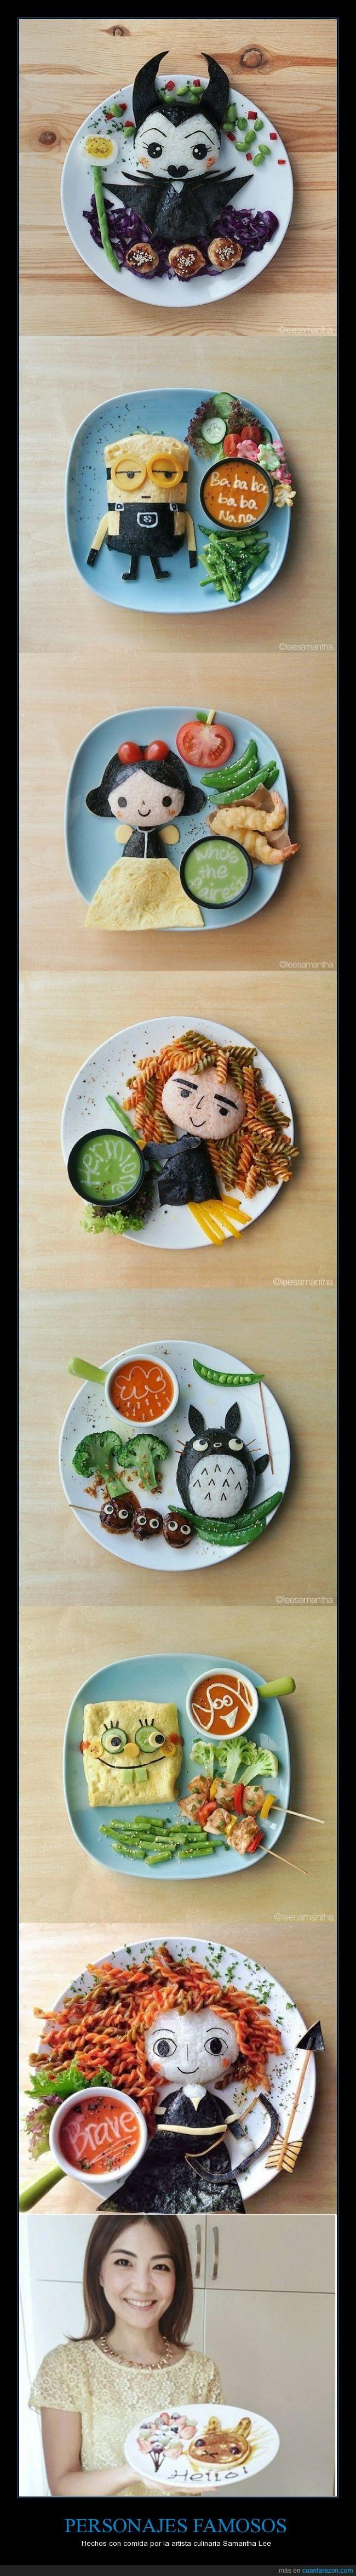 bob esponja,Brave,comida,malefica,mi villano favorito,Samantha Lee,verduras